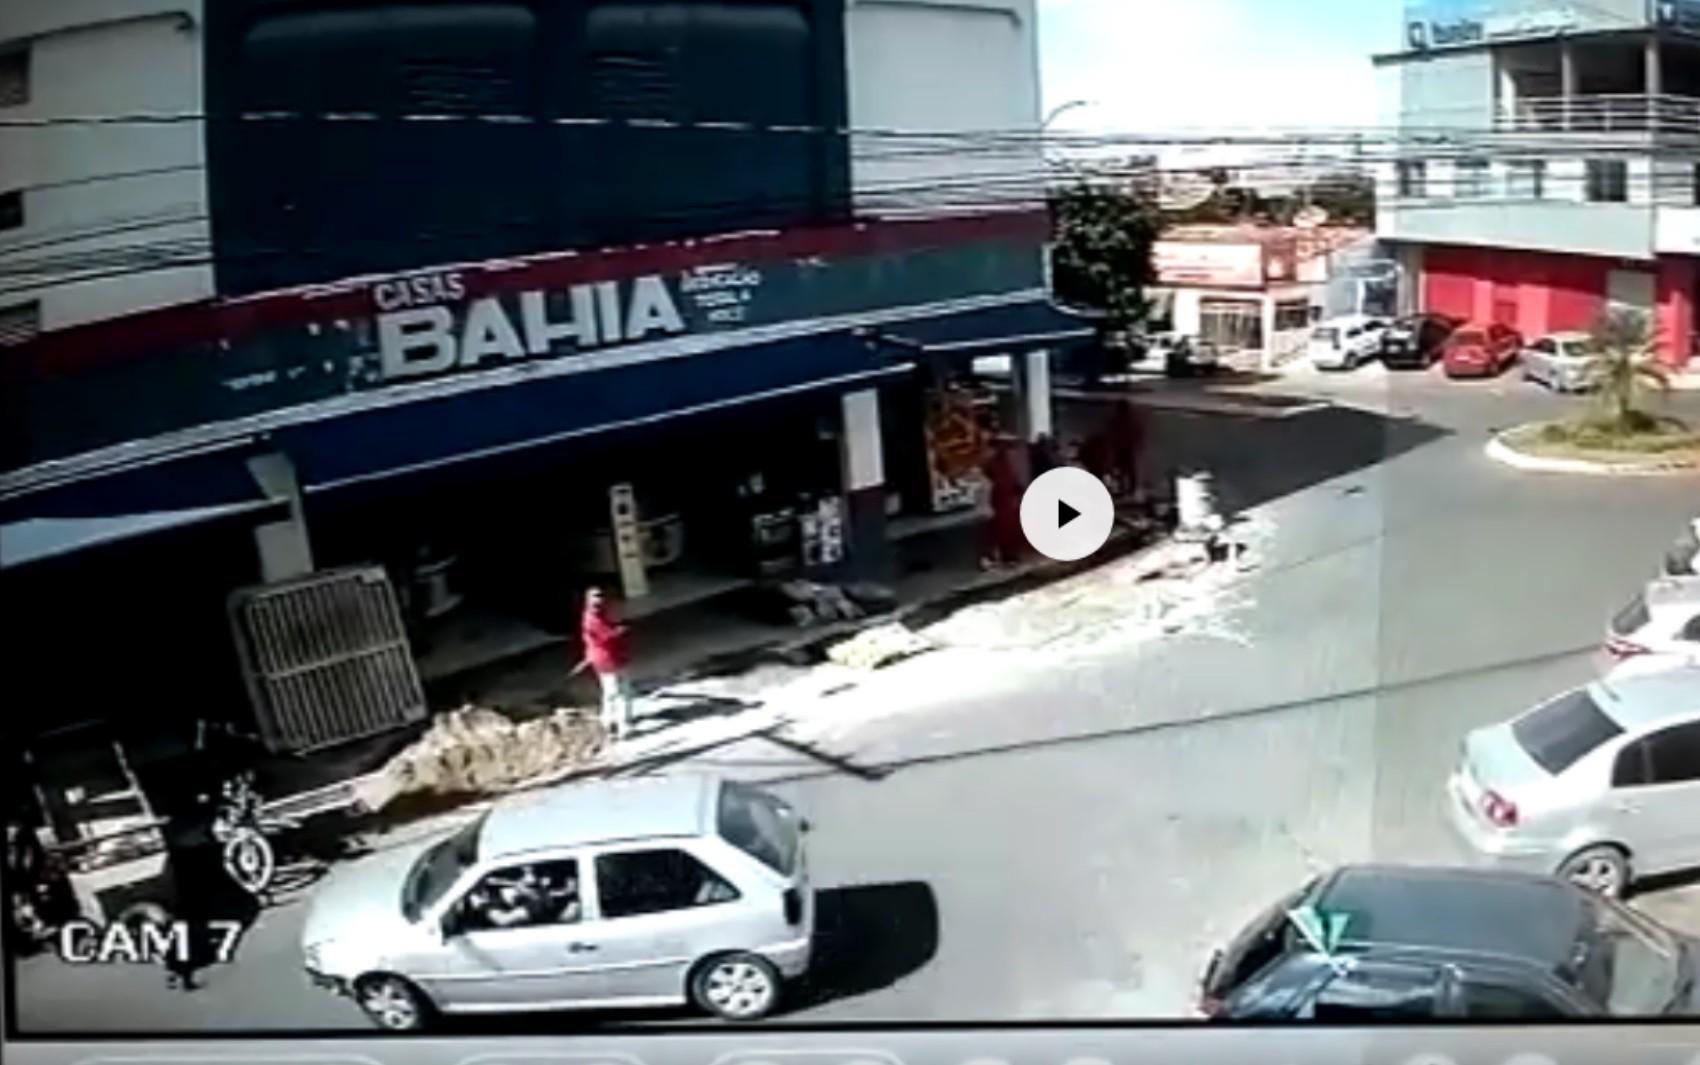 Vídeo mostra carro desgovernado invadindo loja de móveis e eletrodomésticos em Luziânia, GO